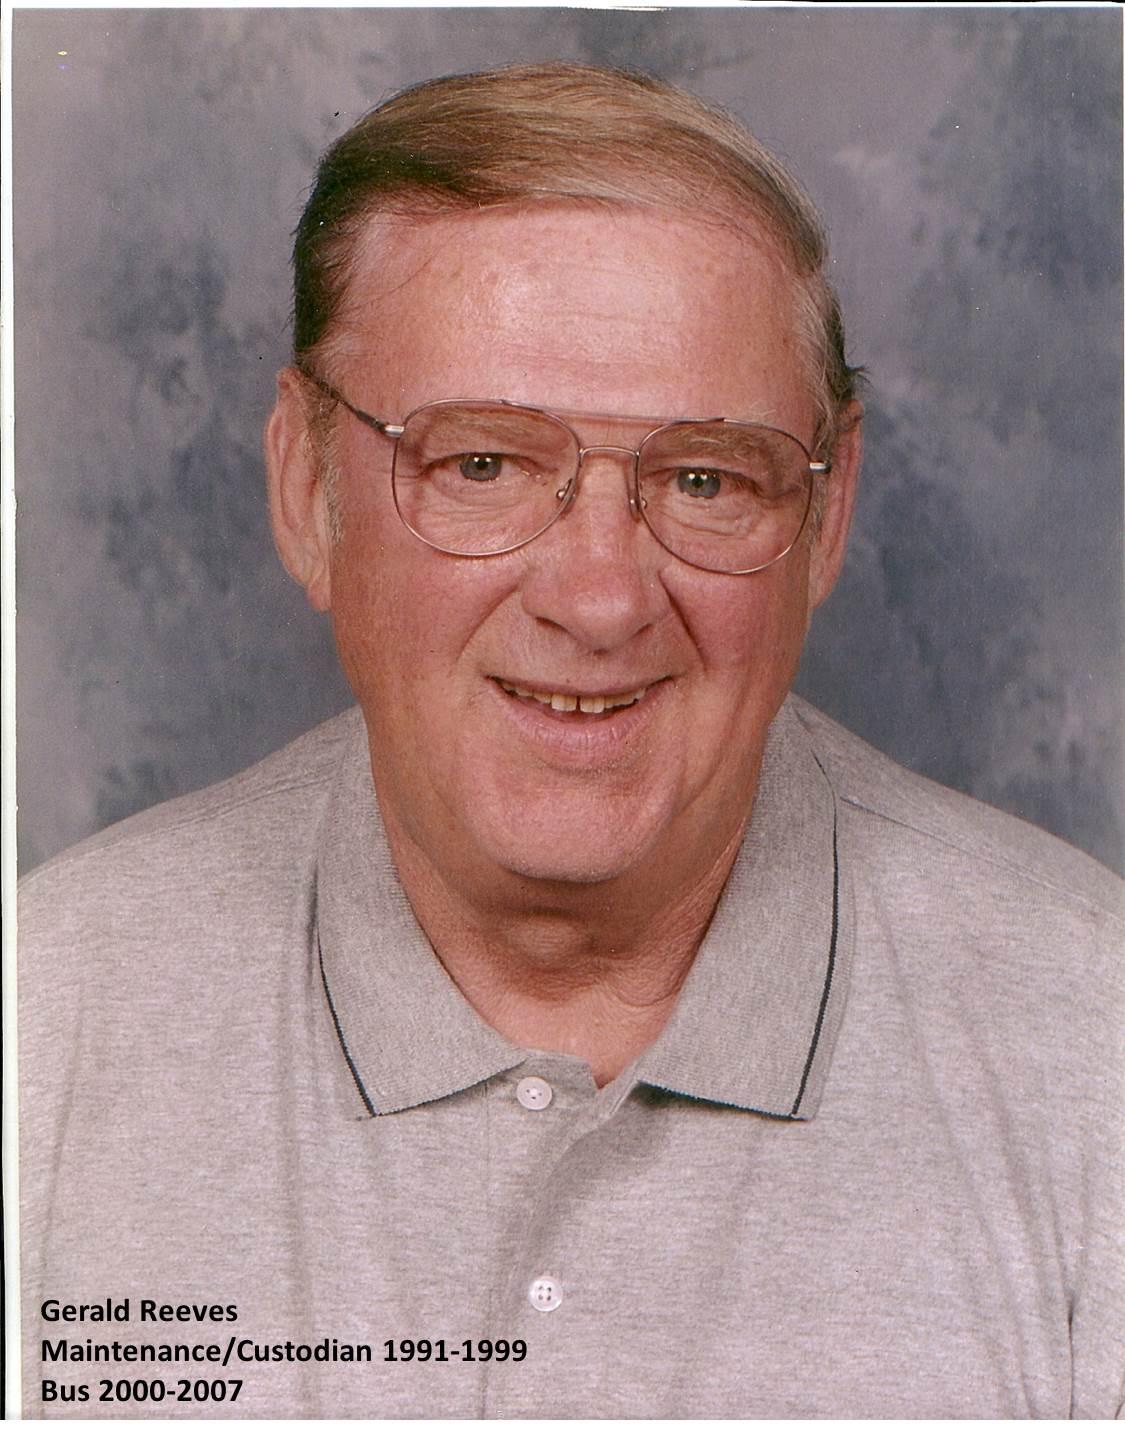 Gerald Reeves